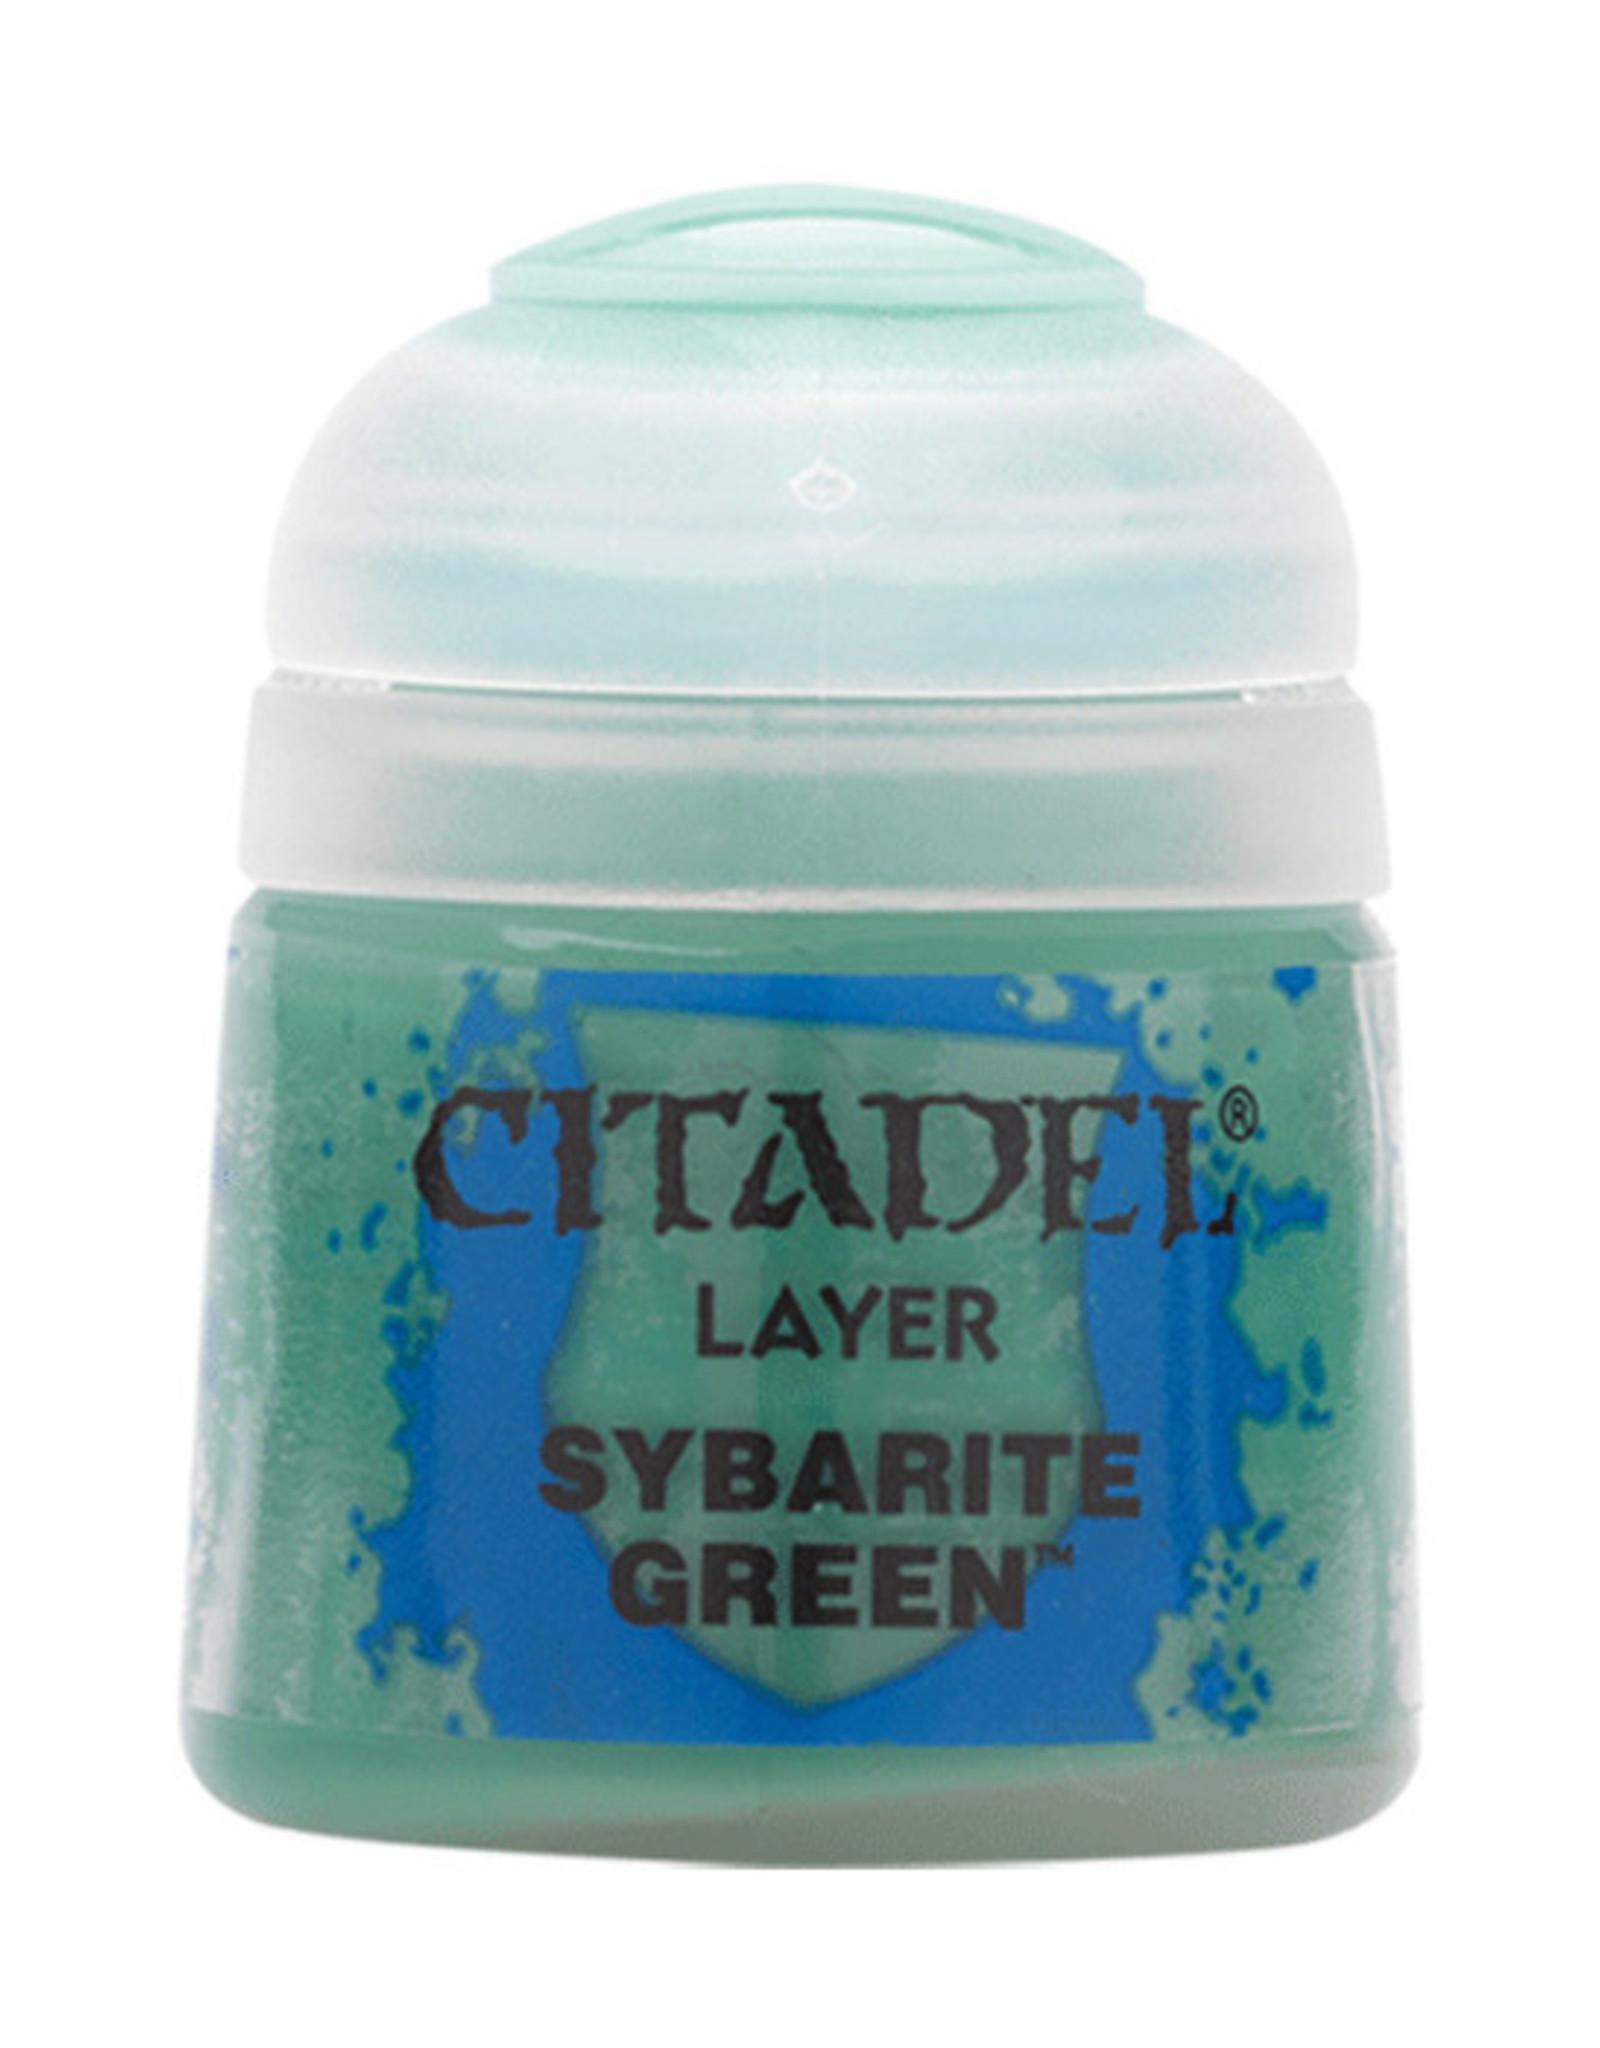 Citadel Citadel Colour: Layer - Sybarite Green